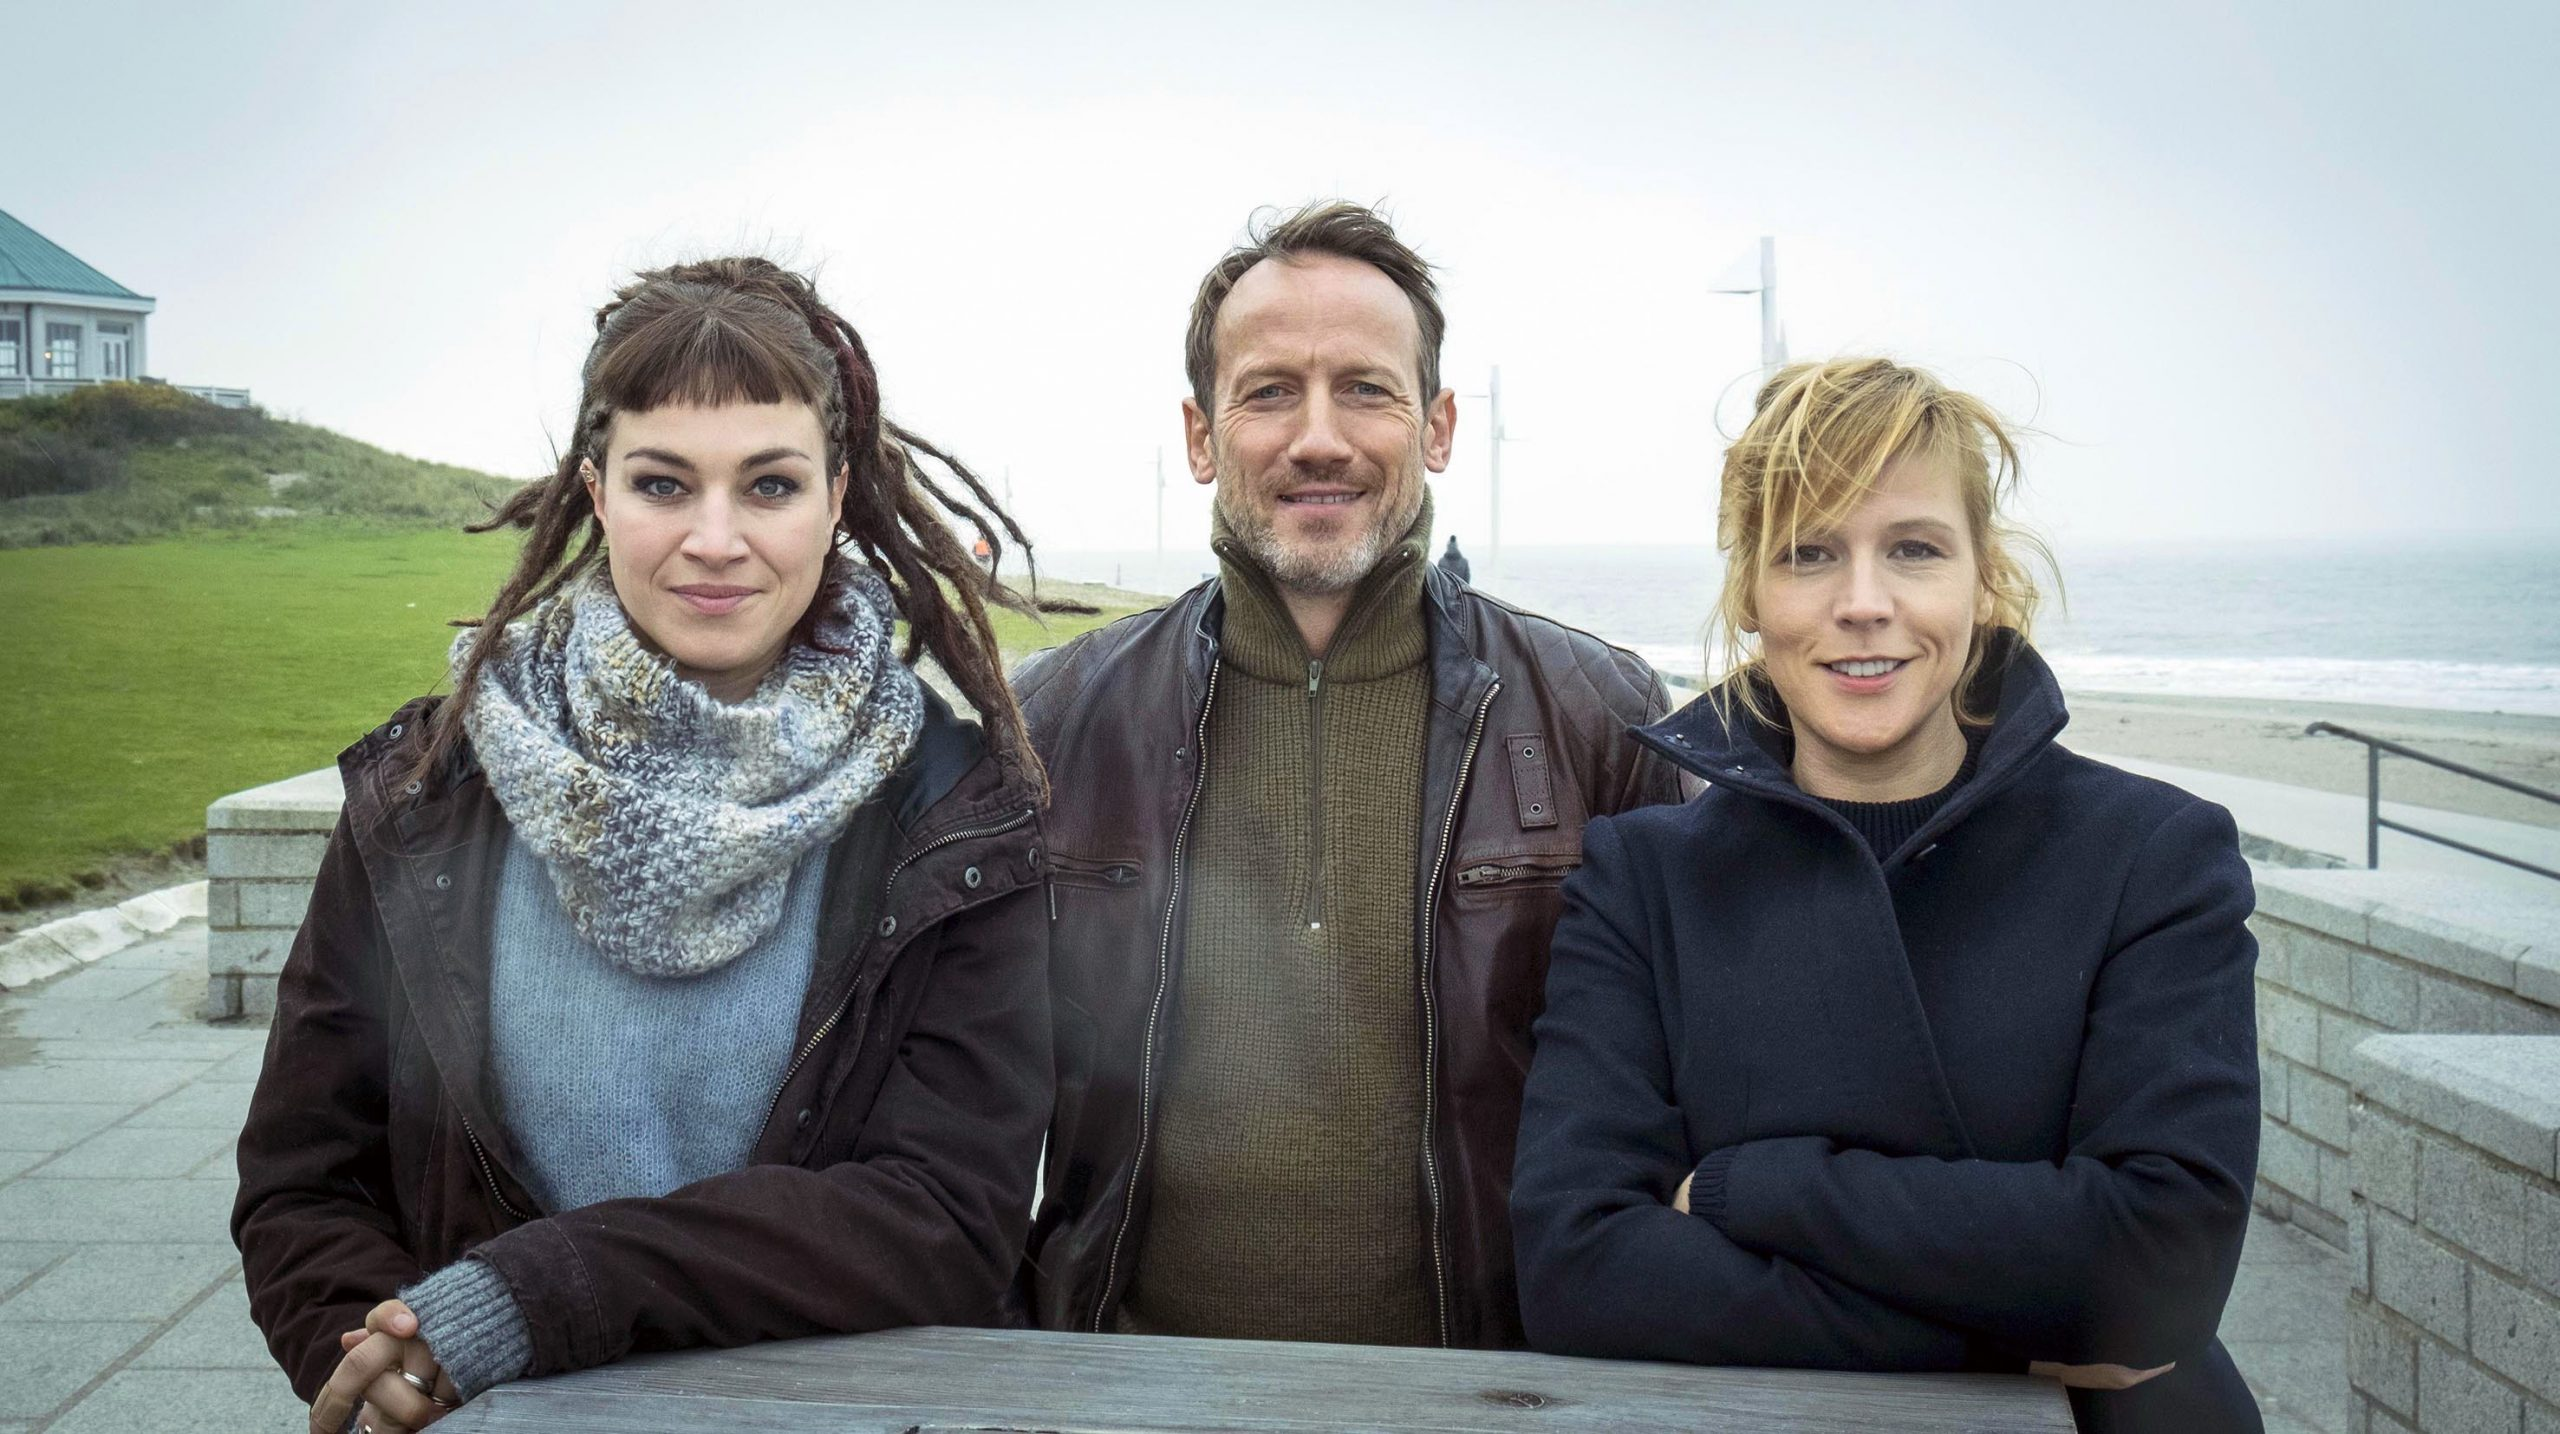 """Starkes Trio im Tatort """"Tödliche Flut"""": : Franziska Hartmann, Wotan Wilke Möhring und Franziska Weisz"""